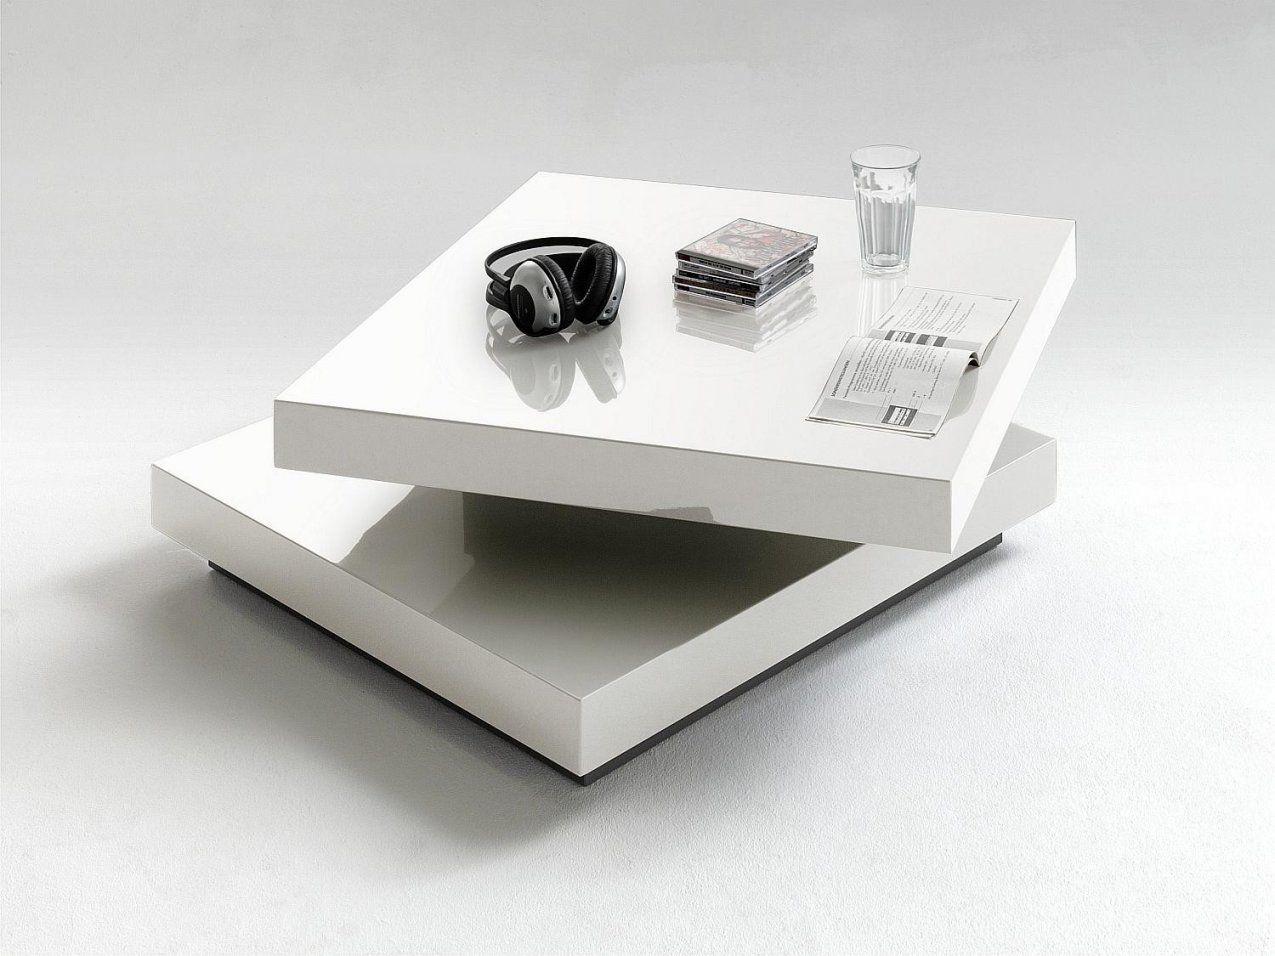 Fesselnd ... Couchtisch 60 X 60 Weiß Hochglanz Hires Wallpaper Bilder Genial Von Couchtisch  Weiß Hochglanz 60 X Couchtisch Ideen ...